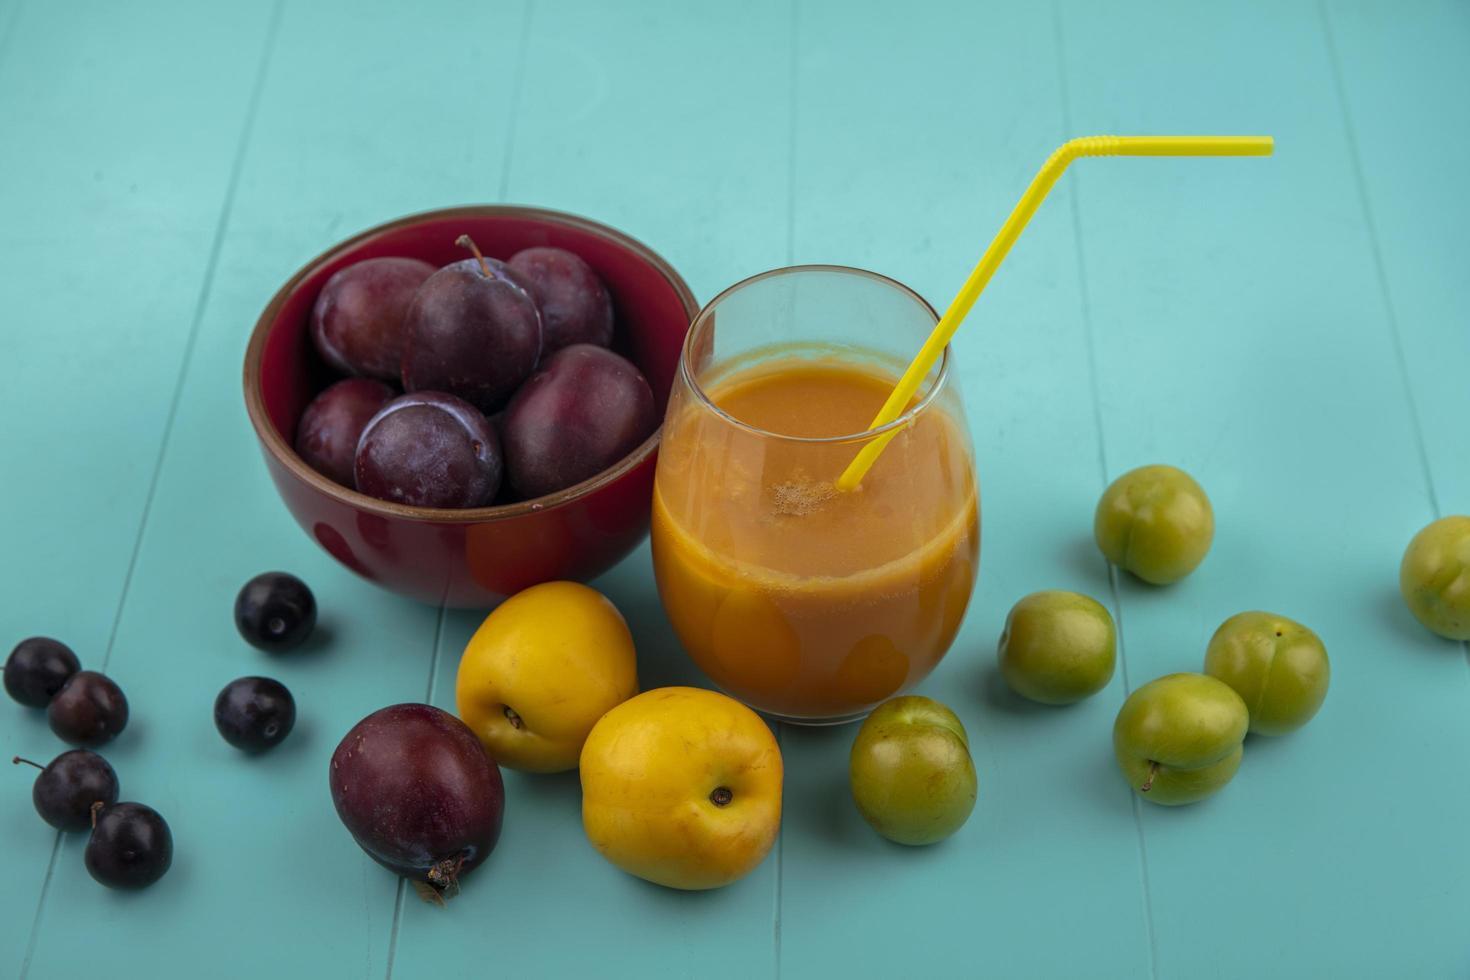 färsk frukt och juice på blå bakgrund foto